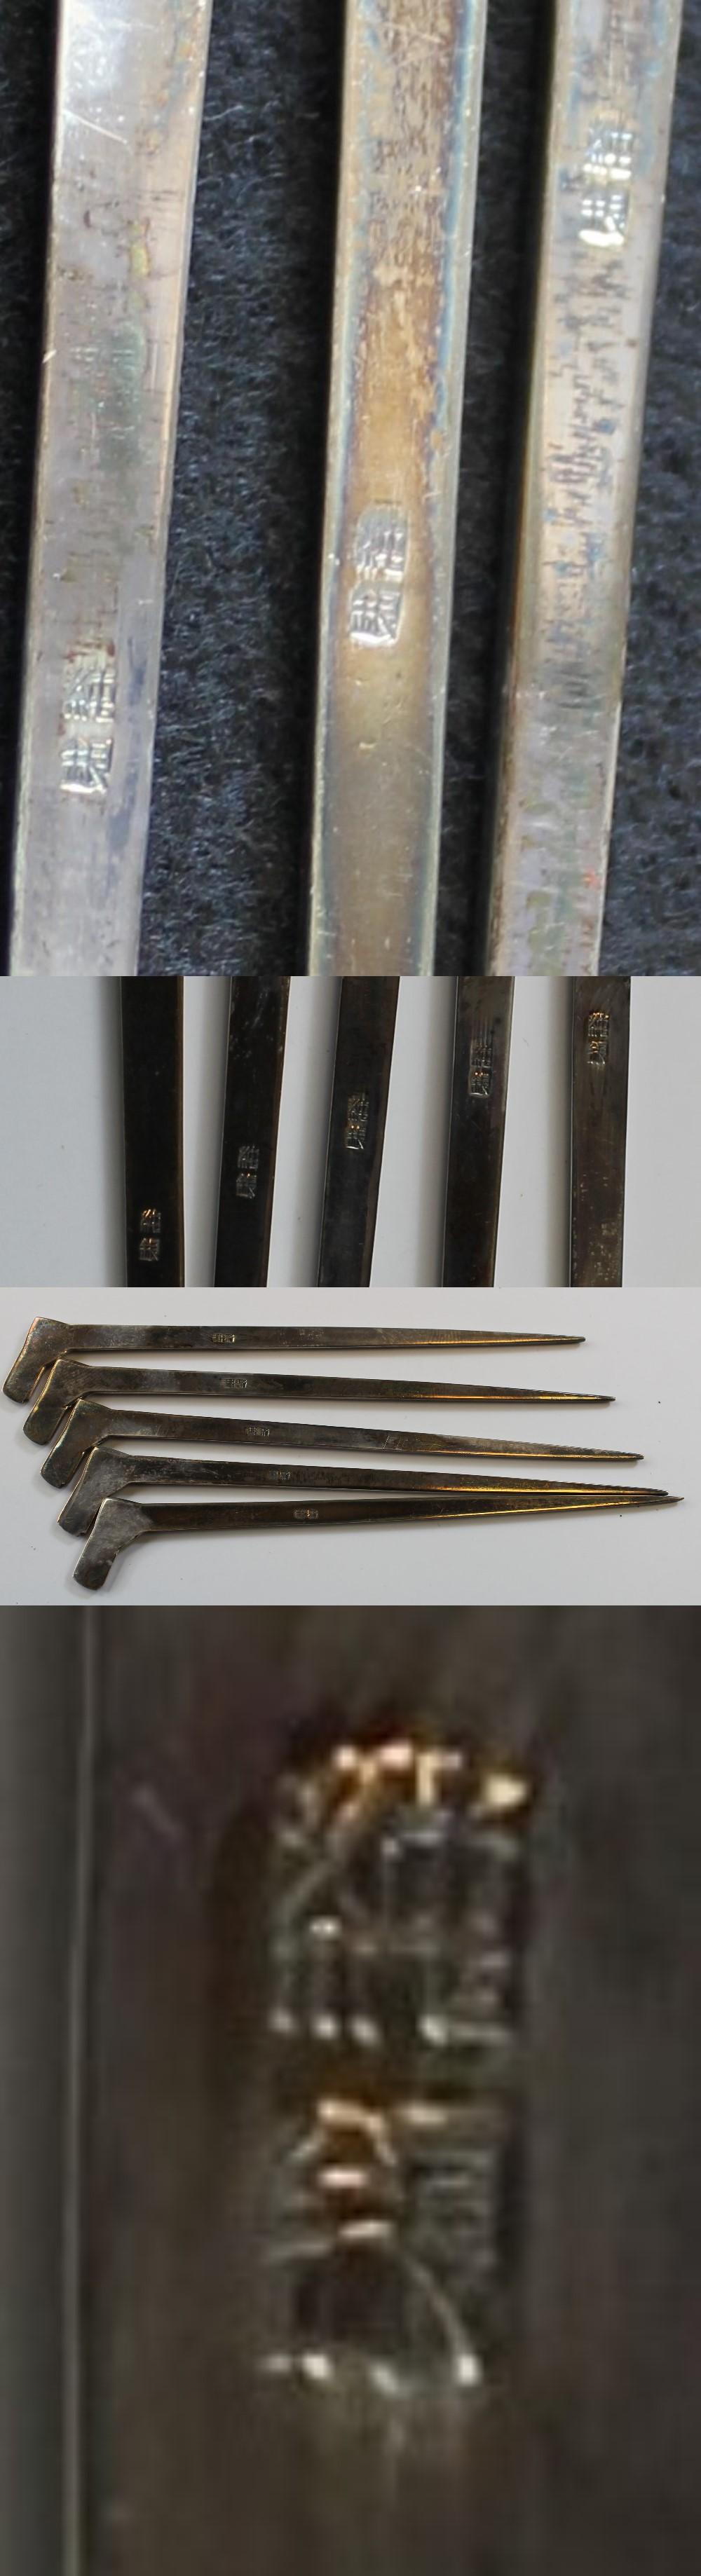 301純銀製爪楊枝セット2